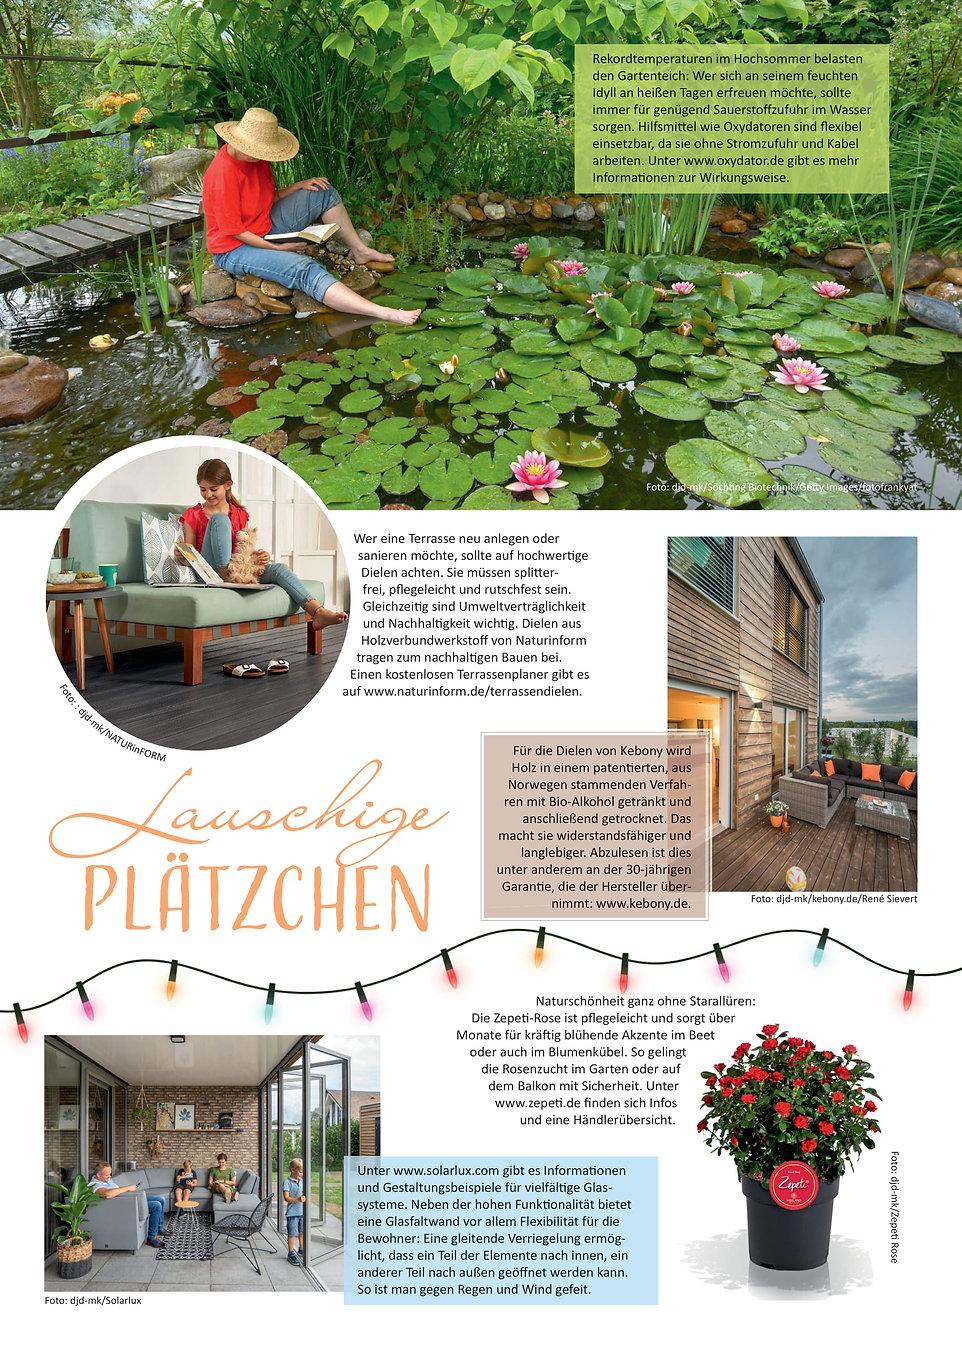 Lauschige_Plätzchen-1.jpg